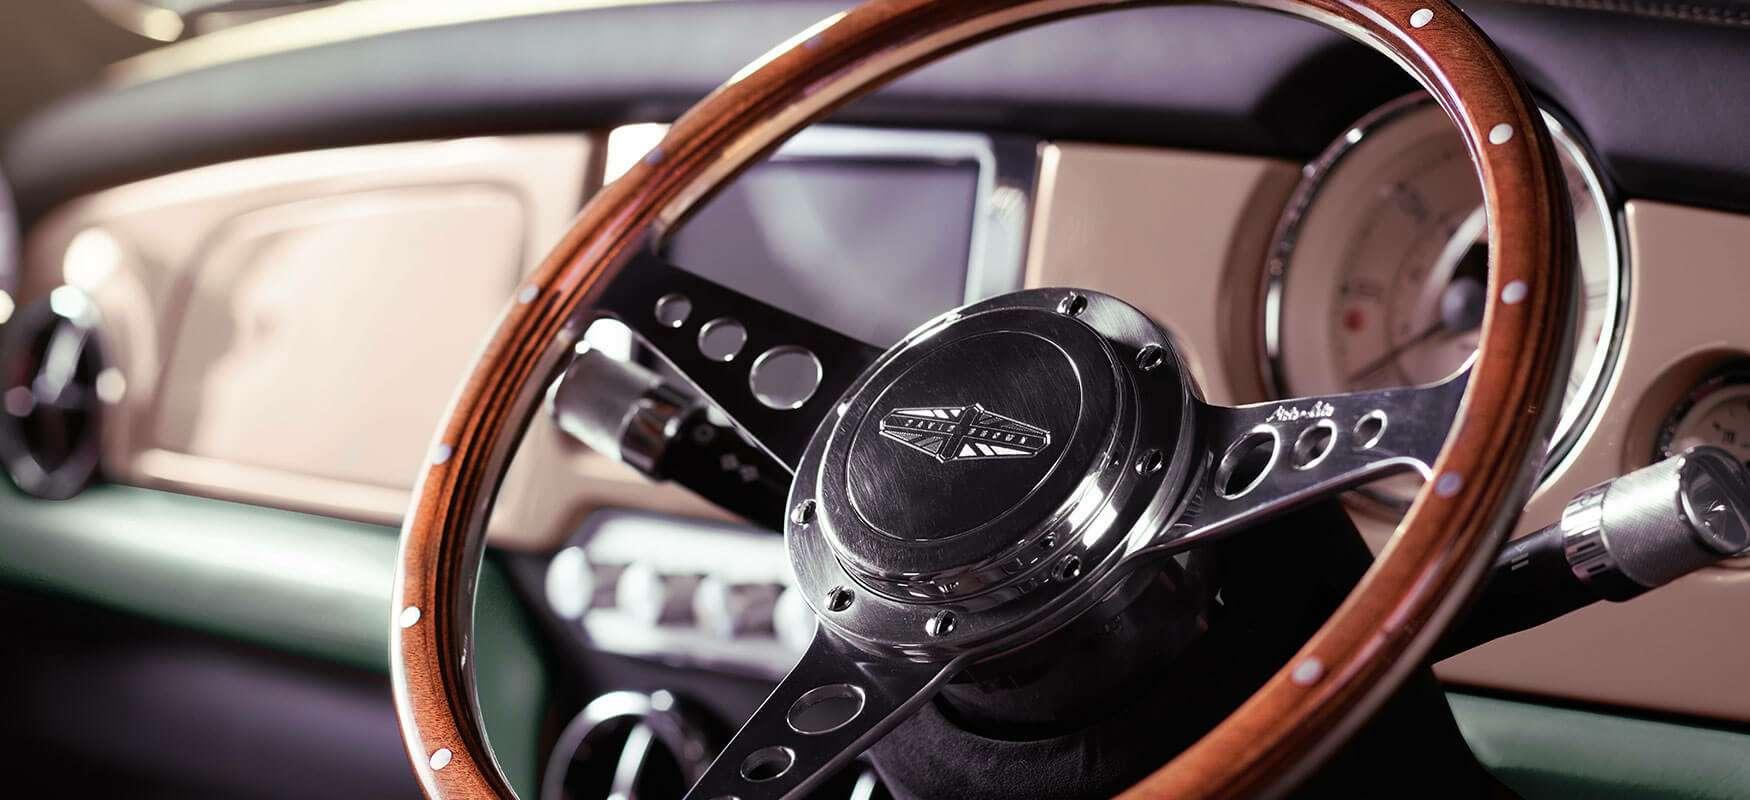 Инверсивный подход: дебютировал Mini Remastered поцене Porsche— фото 733512